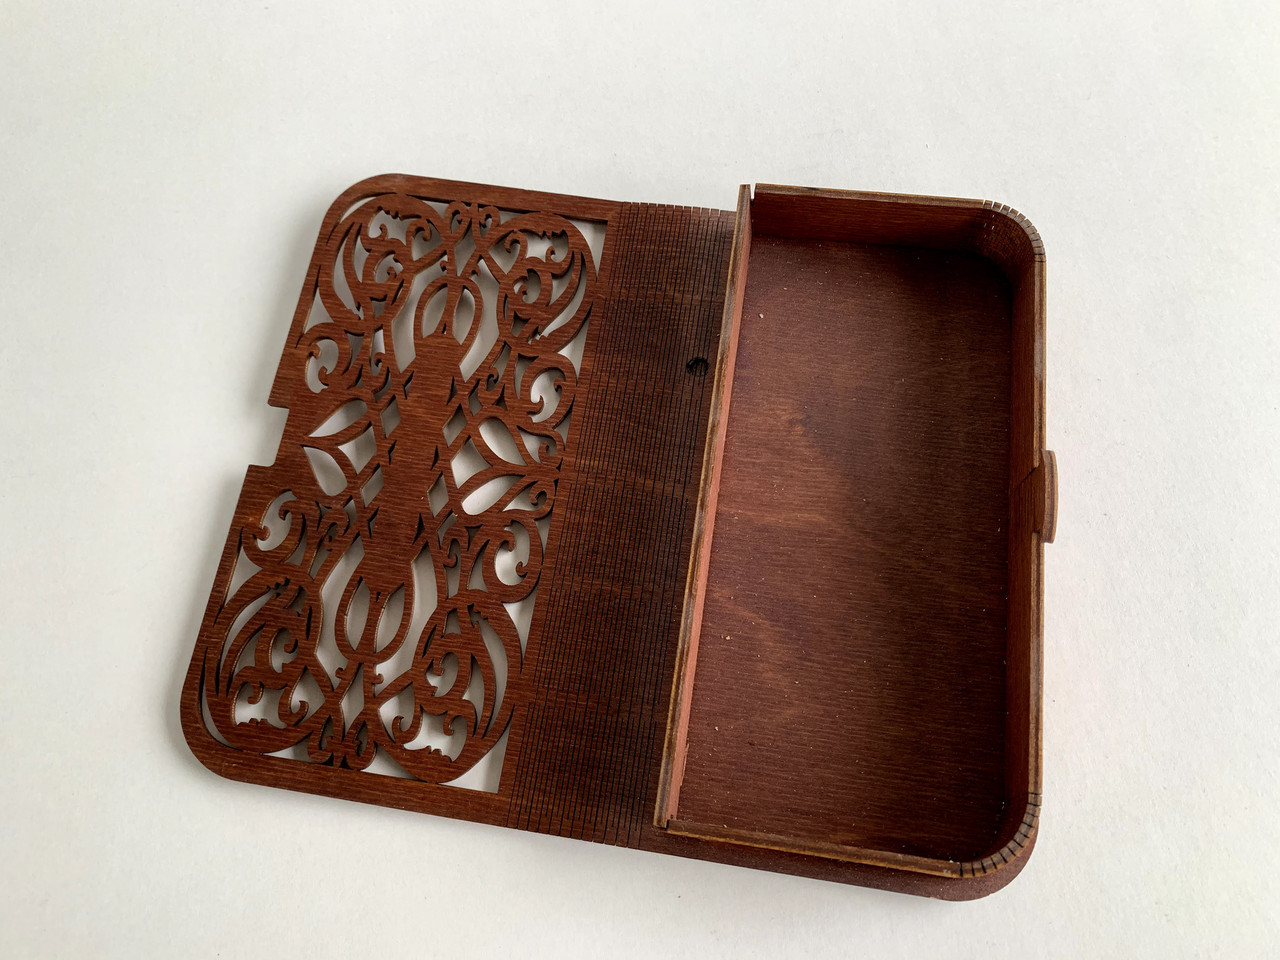 Деревянные счетницы - папки для счета - коробочка для хранения денег - фото 1